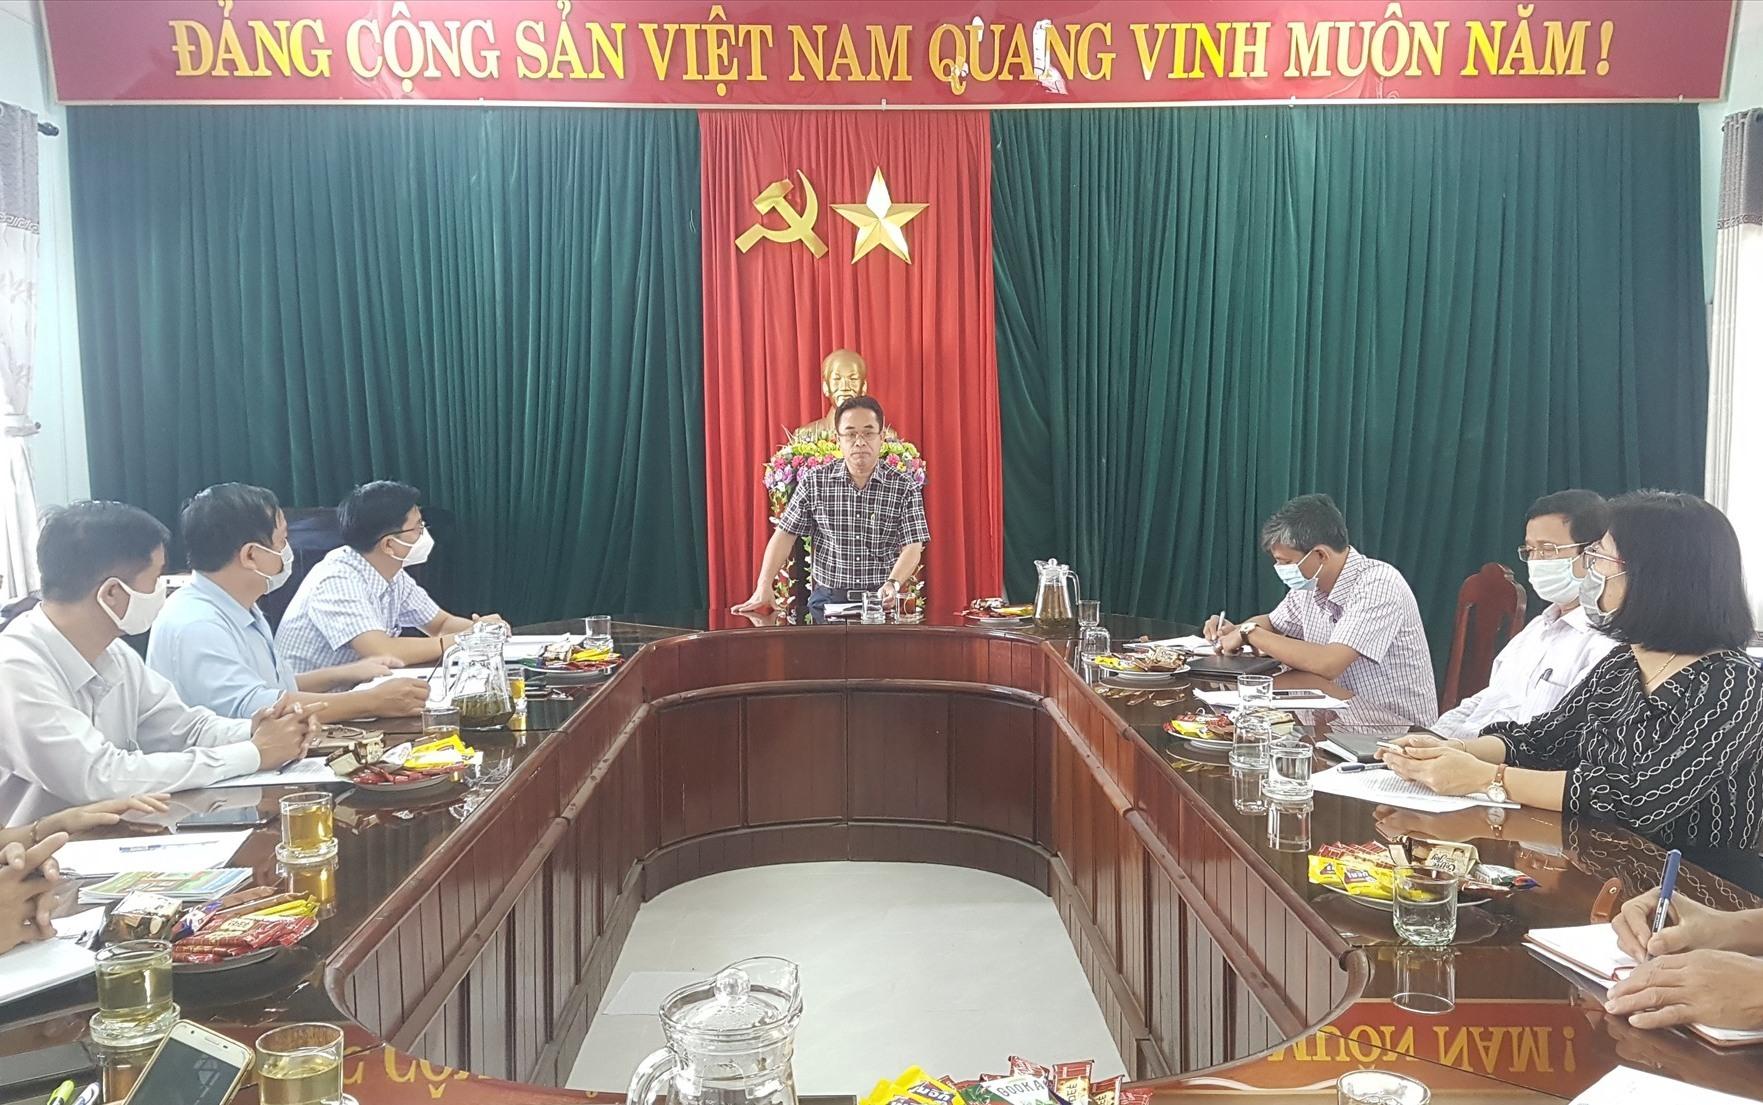 Phó Chủ tịch UBND tỉnh Trần Anh Tuấn làm việc với Trung tâm Dịch vụ việc làm tỉnh sáng nay. Ảnh: D.L